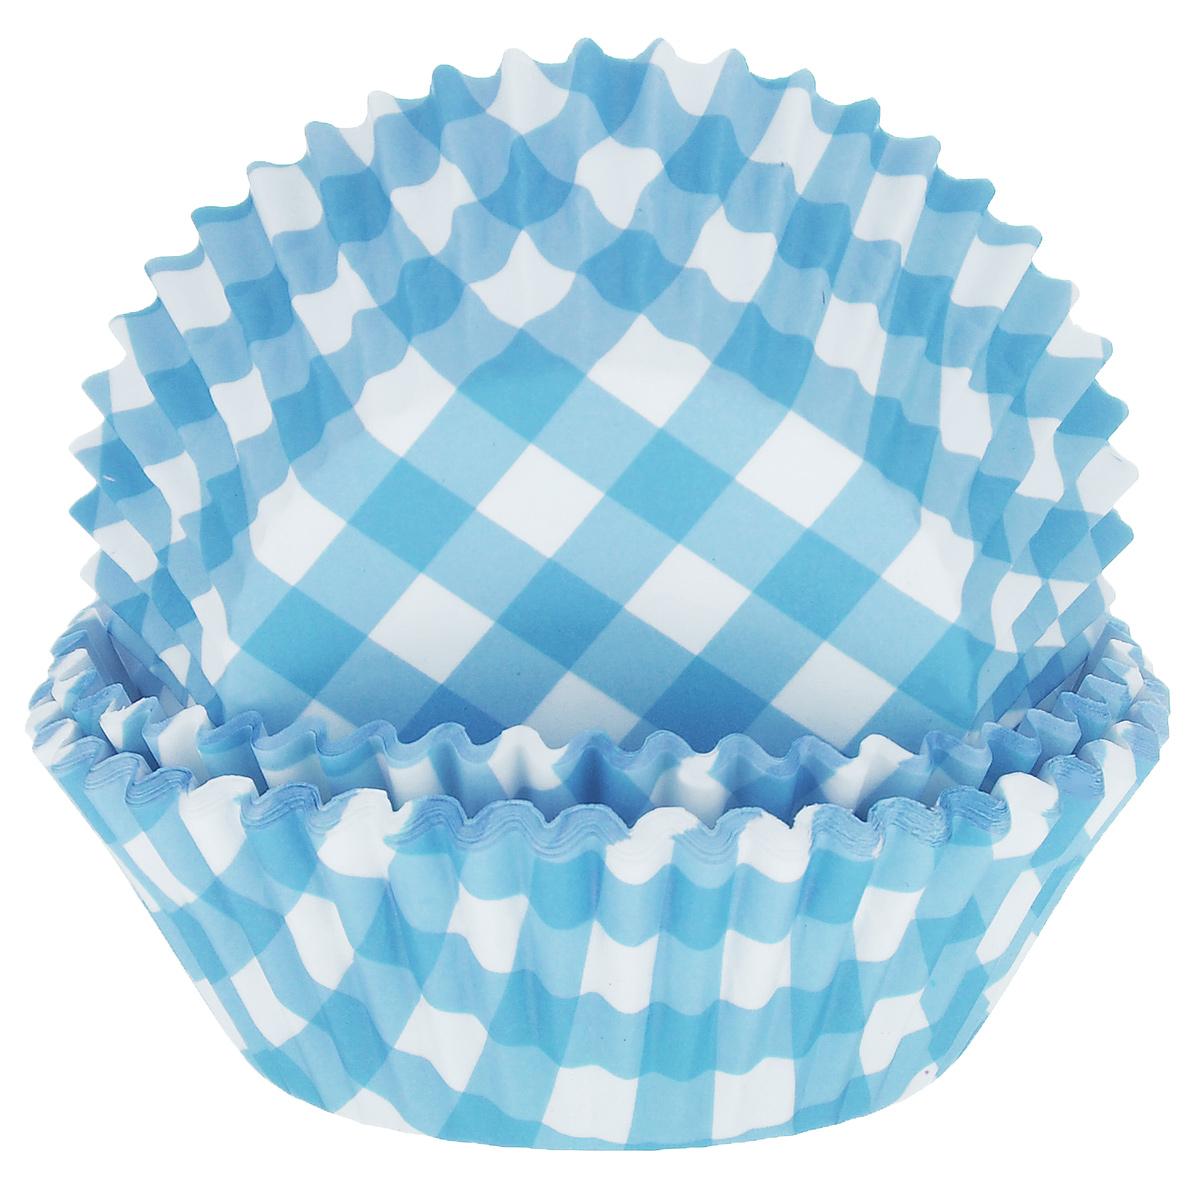 Набор бумажных форм для кексов Dolce Arti Клетка, цвет: голубой, диаметр 5 см, 50 штDA080204Набор Dolce Arti Клетка состоит из 50 бумажных форм для кексов, оформленных принтом в клетку. Они предназначены для выпечки и упаковки кондитерских изделий, также могут использоваться для сервировки орешков, конфет и много другого. Для одноразового применения. Гофрированные бумажные формы идеальны для выпечки кексов, булочек и пирожных. Высота стенки: 3 см. Диаметр (по верхнему краю): 7 см. Диаметр дна: 5 см.